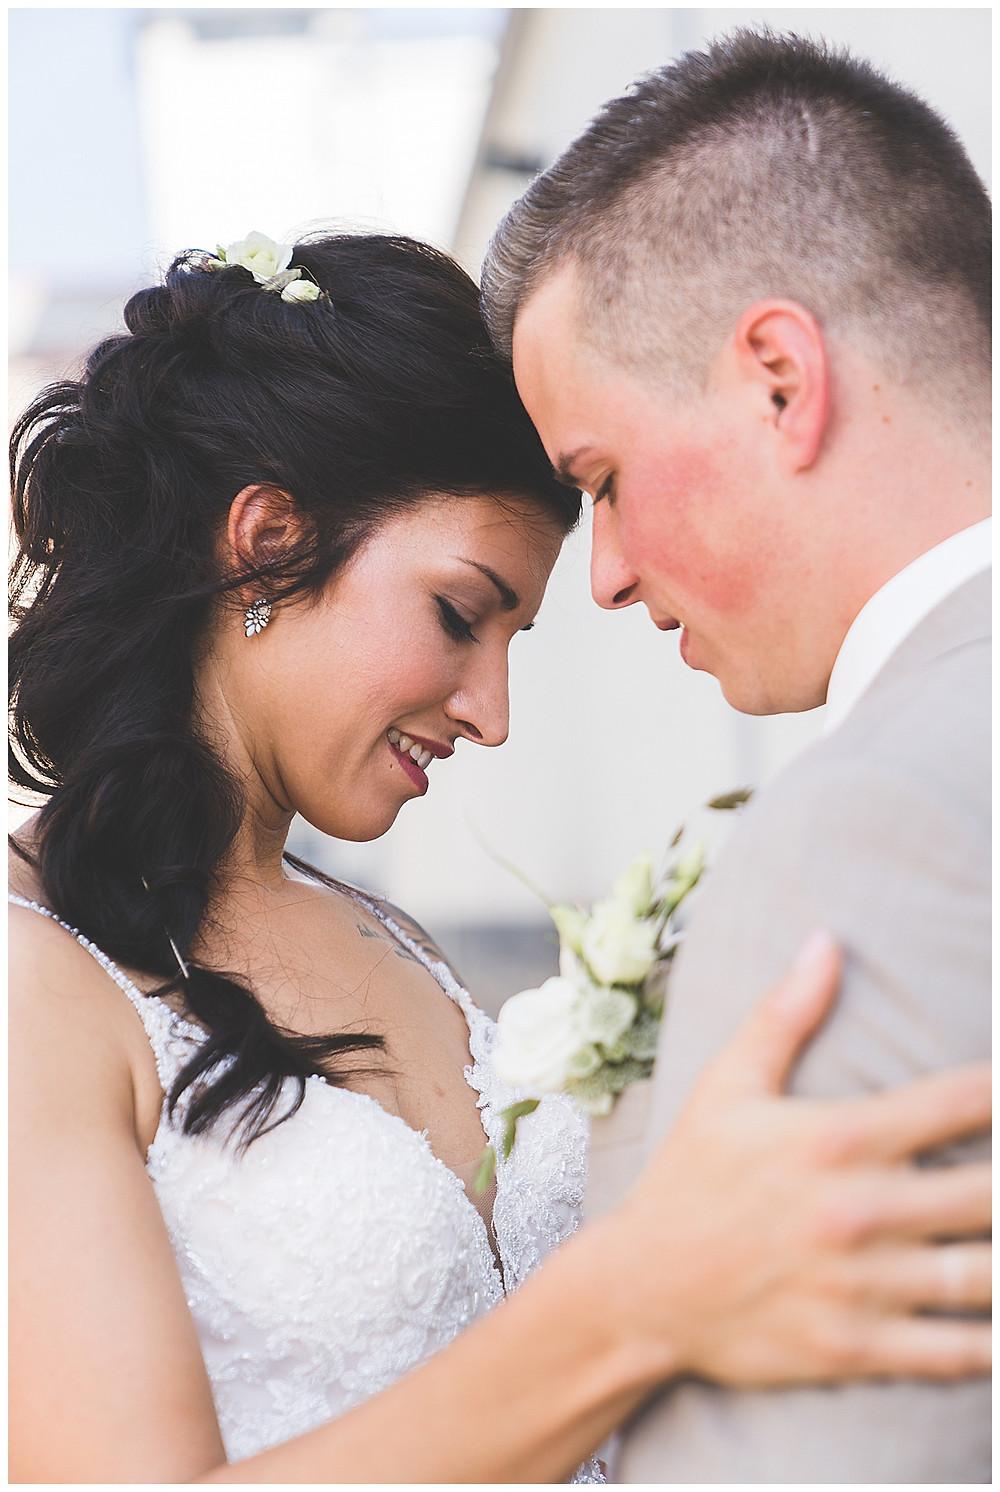 Heidenheim Hochzeit Brautpaar umarmt sich